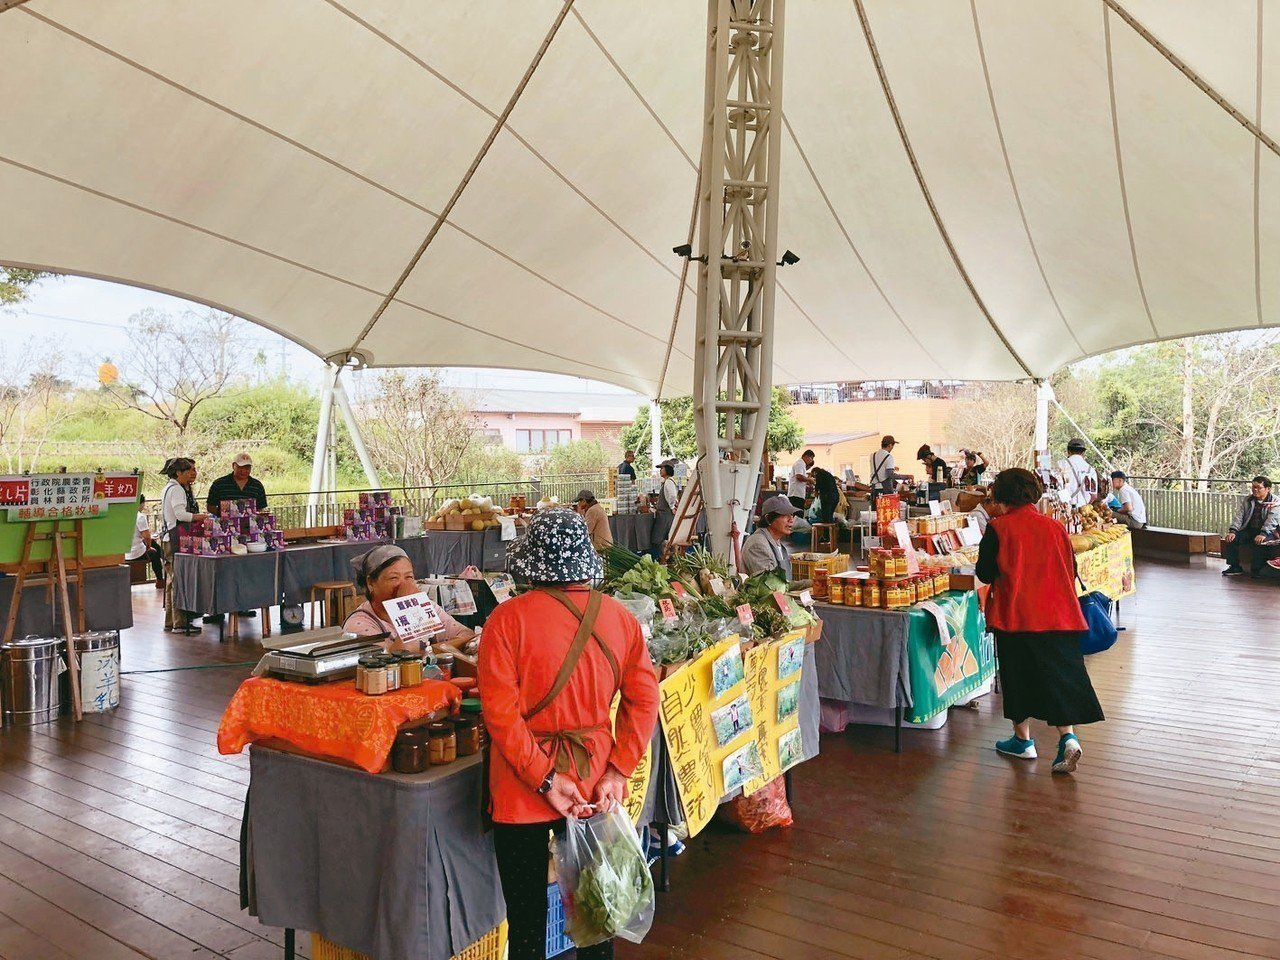 微熱山丘村民市集提供當地小農販售健康農產品管道,也一起做公益幫助偏鄉青少年。 記...